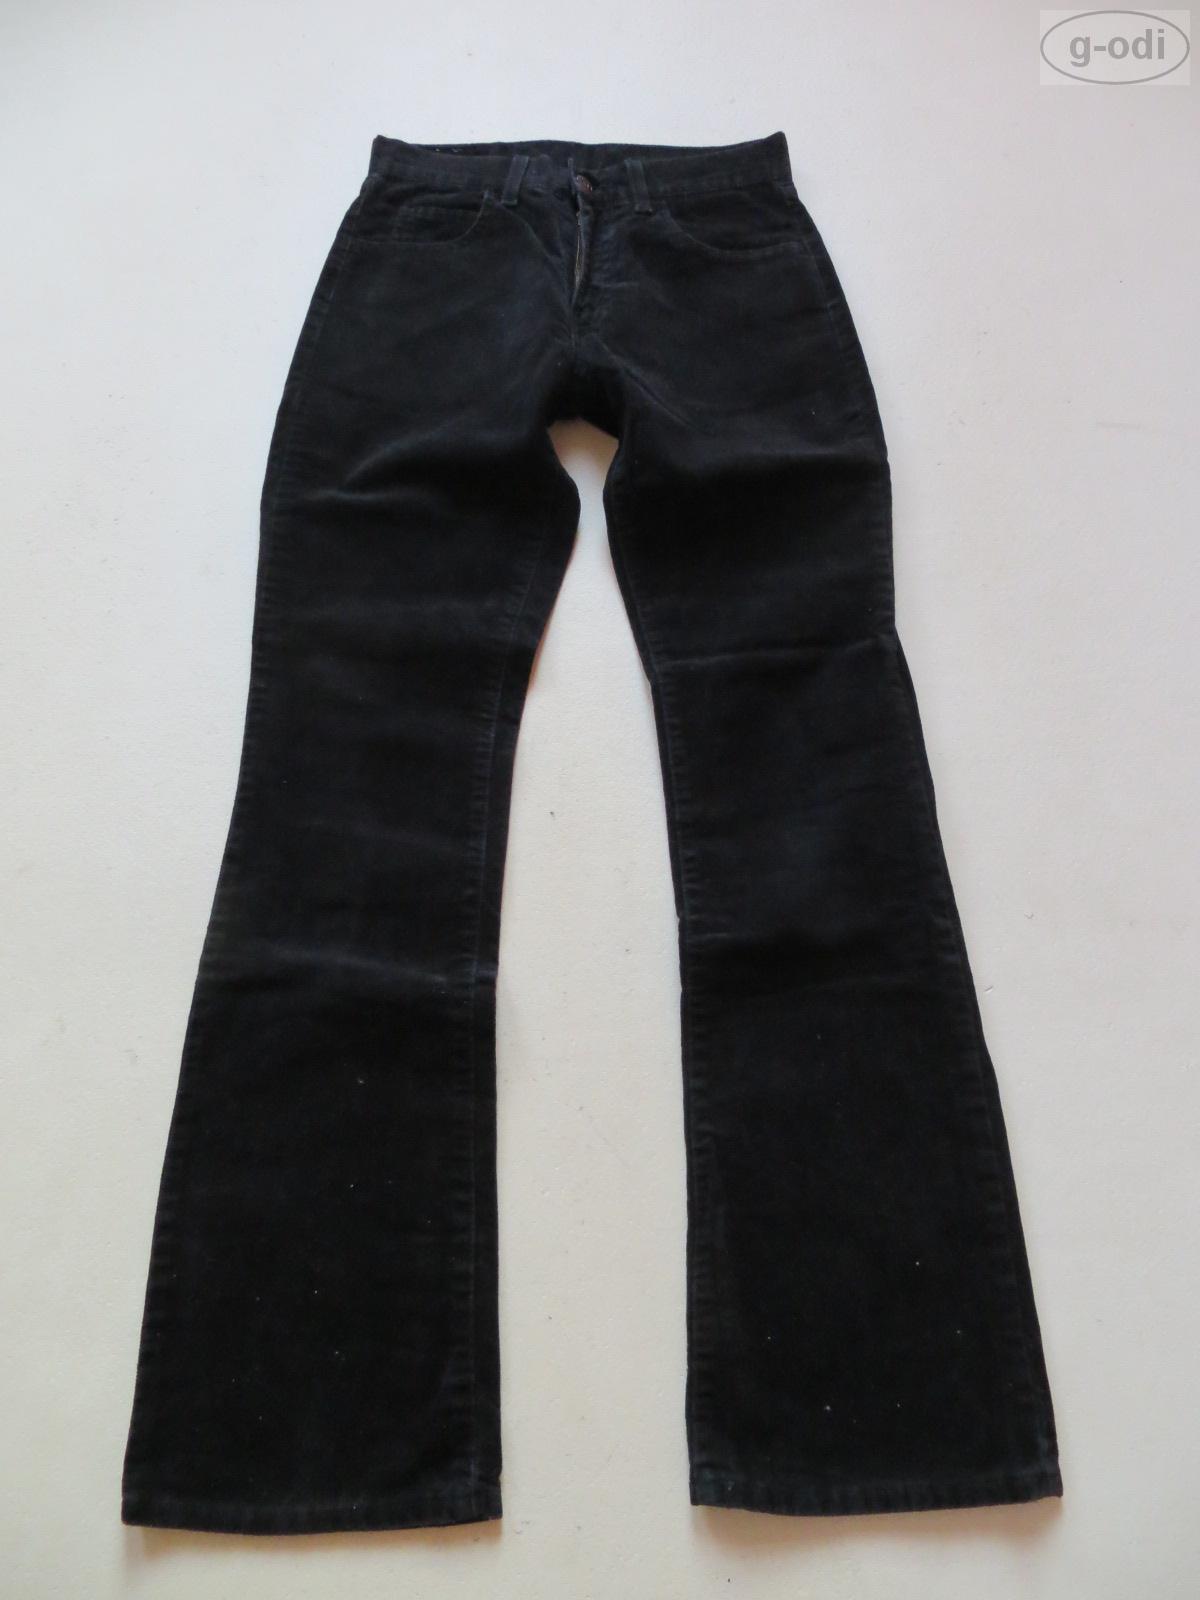 levi 39 s 525 cord bootcut jeans hose w 28 l 32 schwarz samtige cordhose 36 ebay. Black Bedroom Furniture Sets. Home Design Ideas